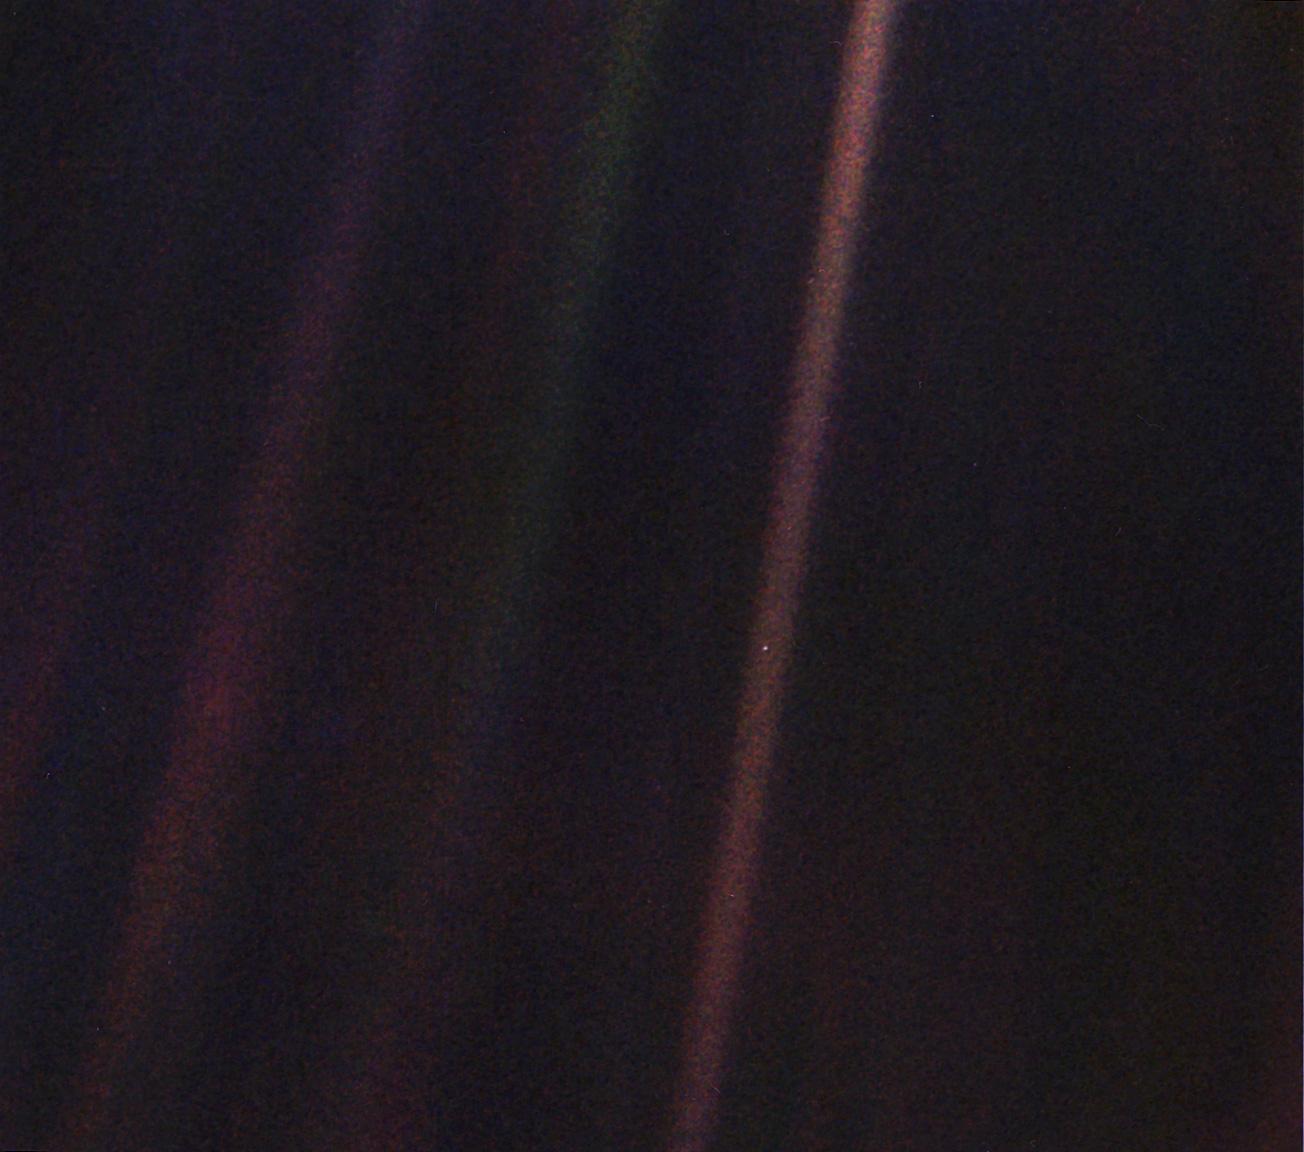 NASA обновило легендарный снимок аппарата Voyager-1 «Бледная голубая точка» 1